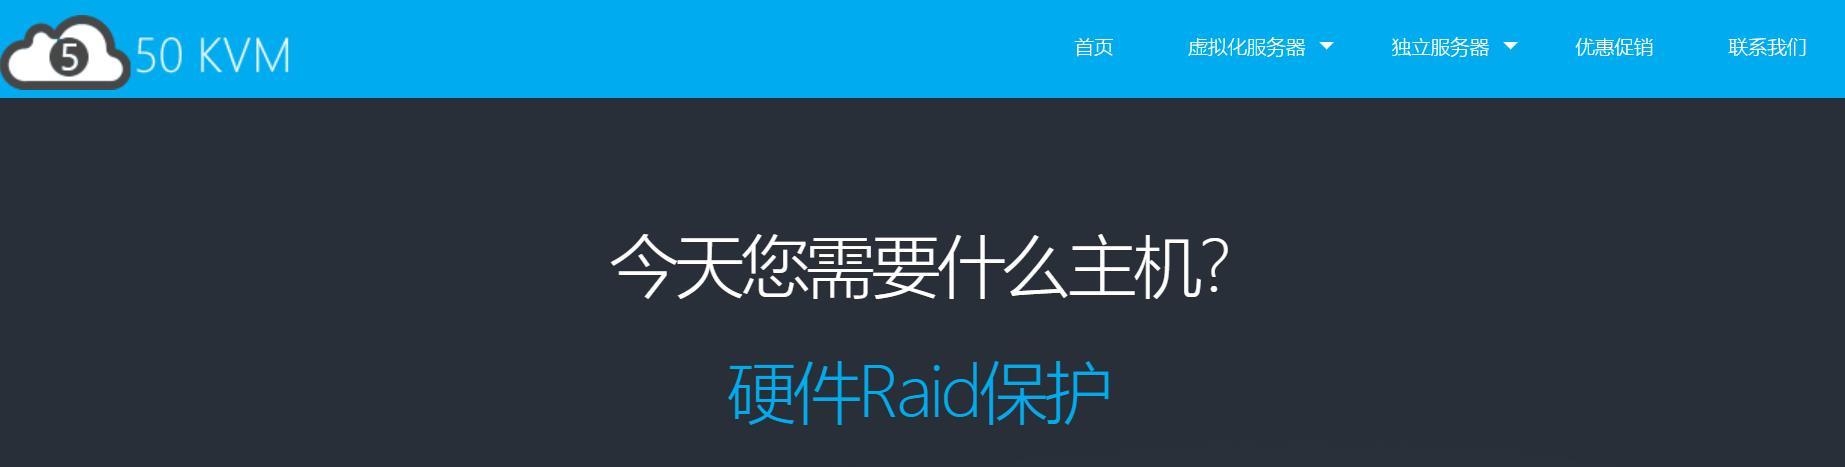 50kvm-logo.jpg